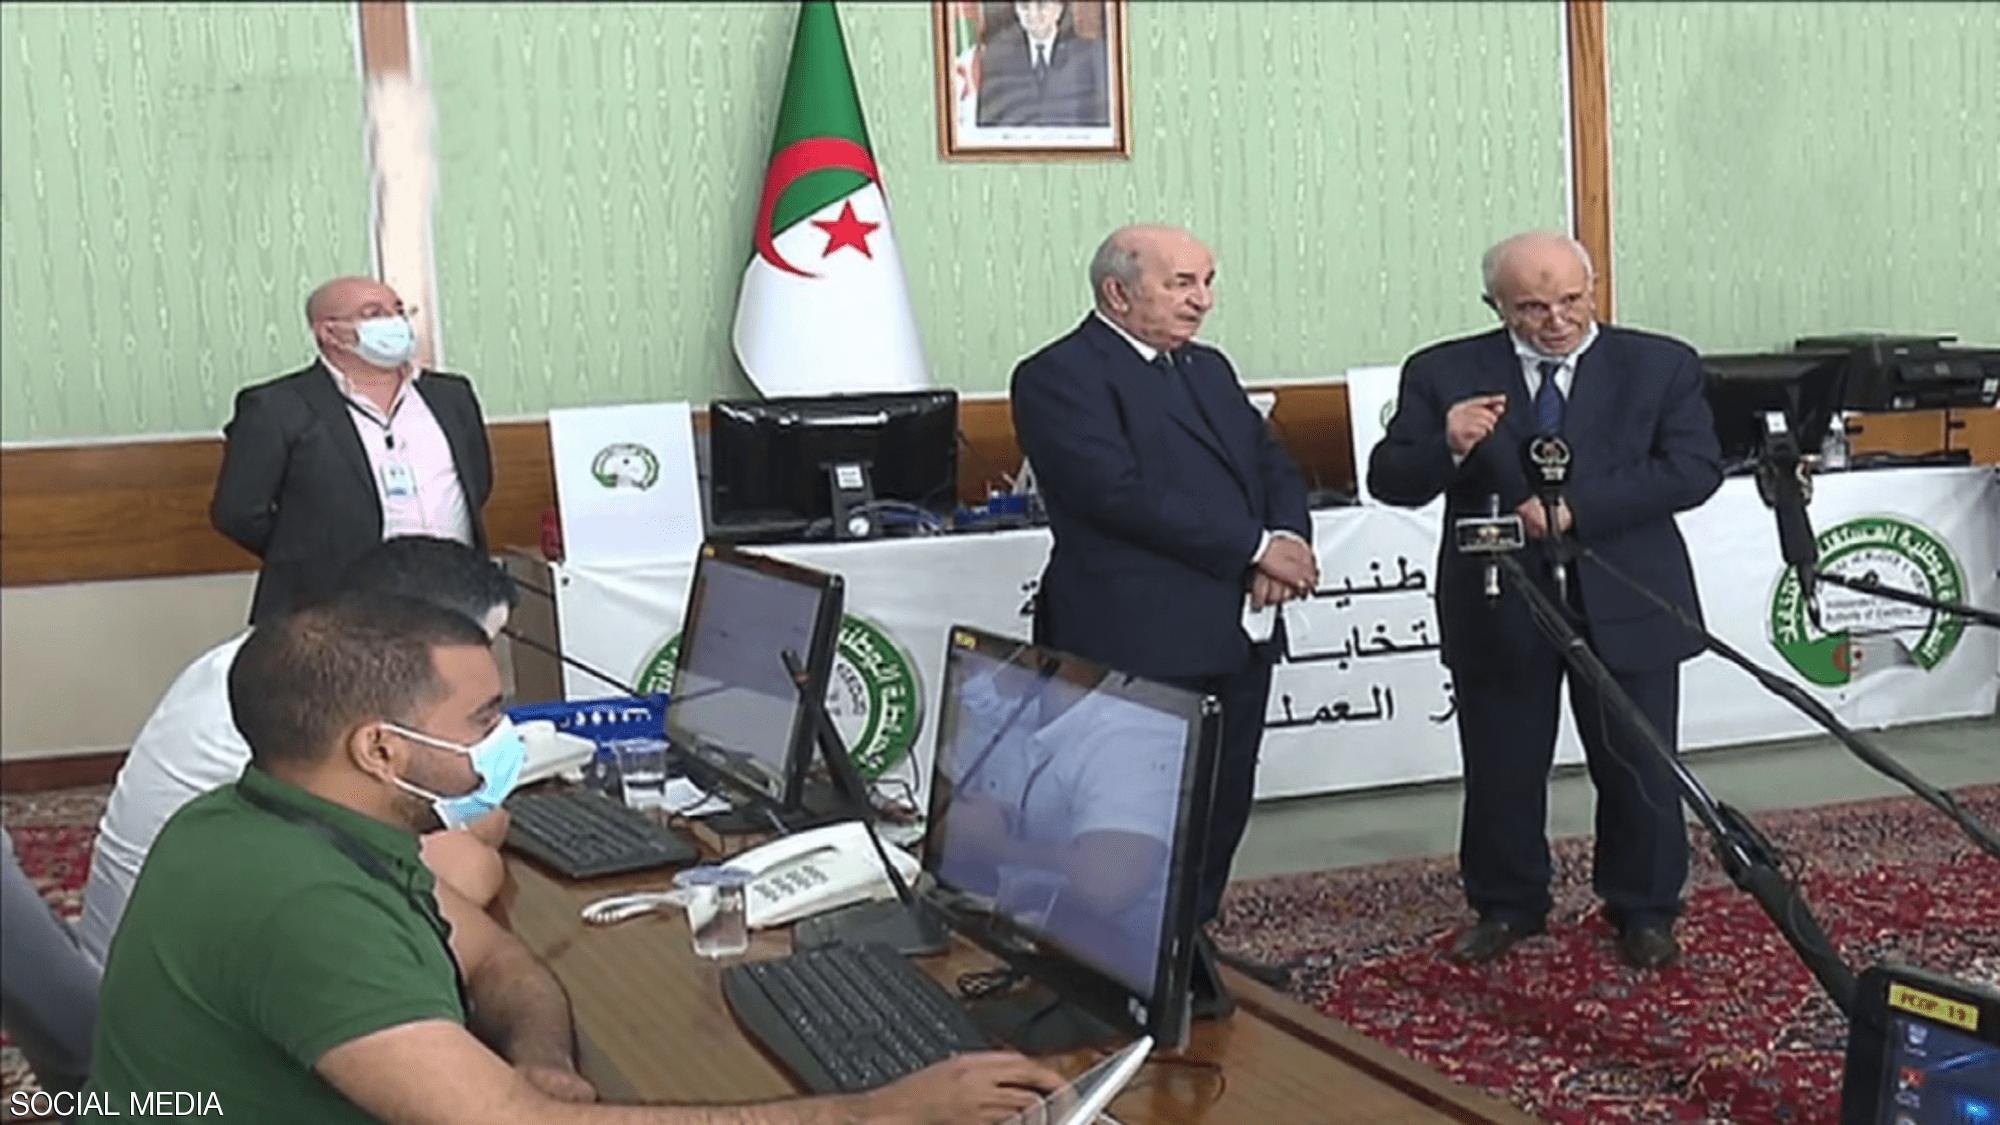 الرئيس الجزائرى يناقش الترتيب لاجراء الانتخابات البرلمانية